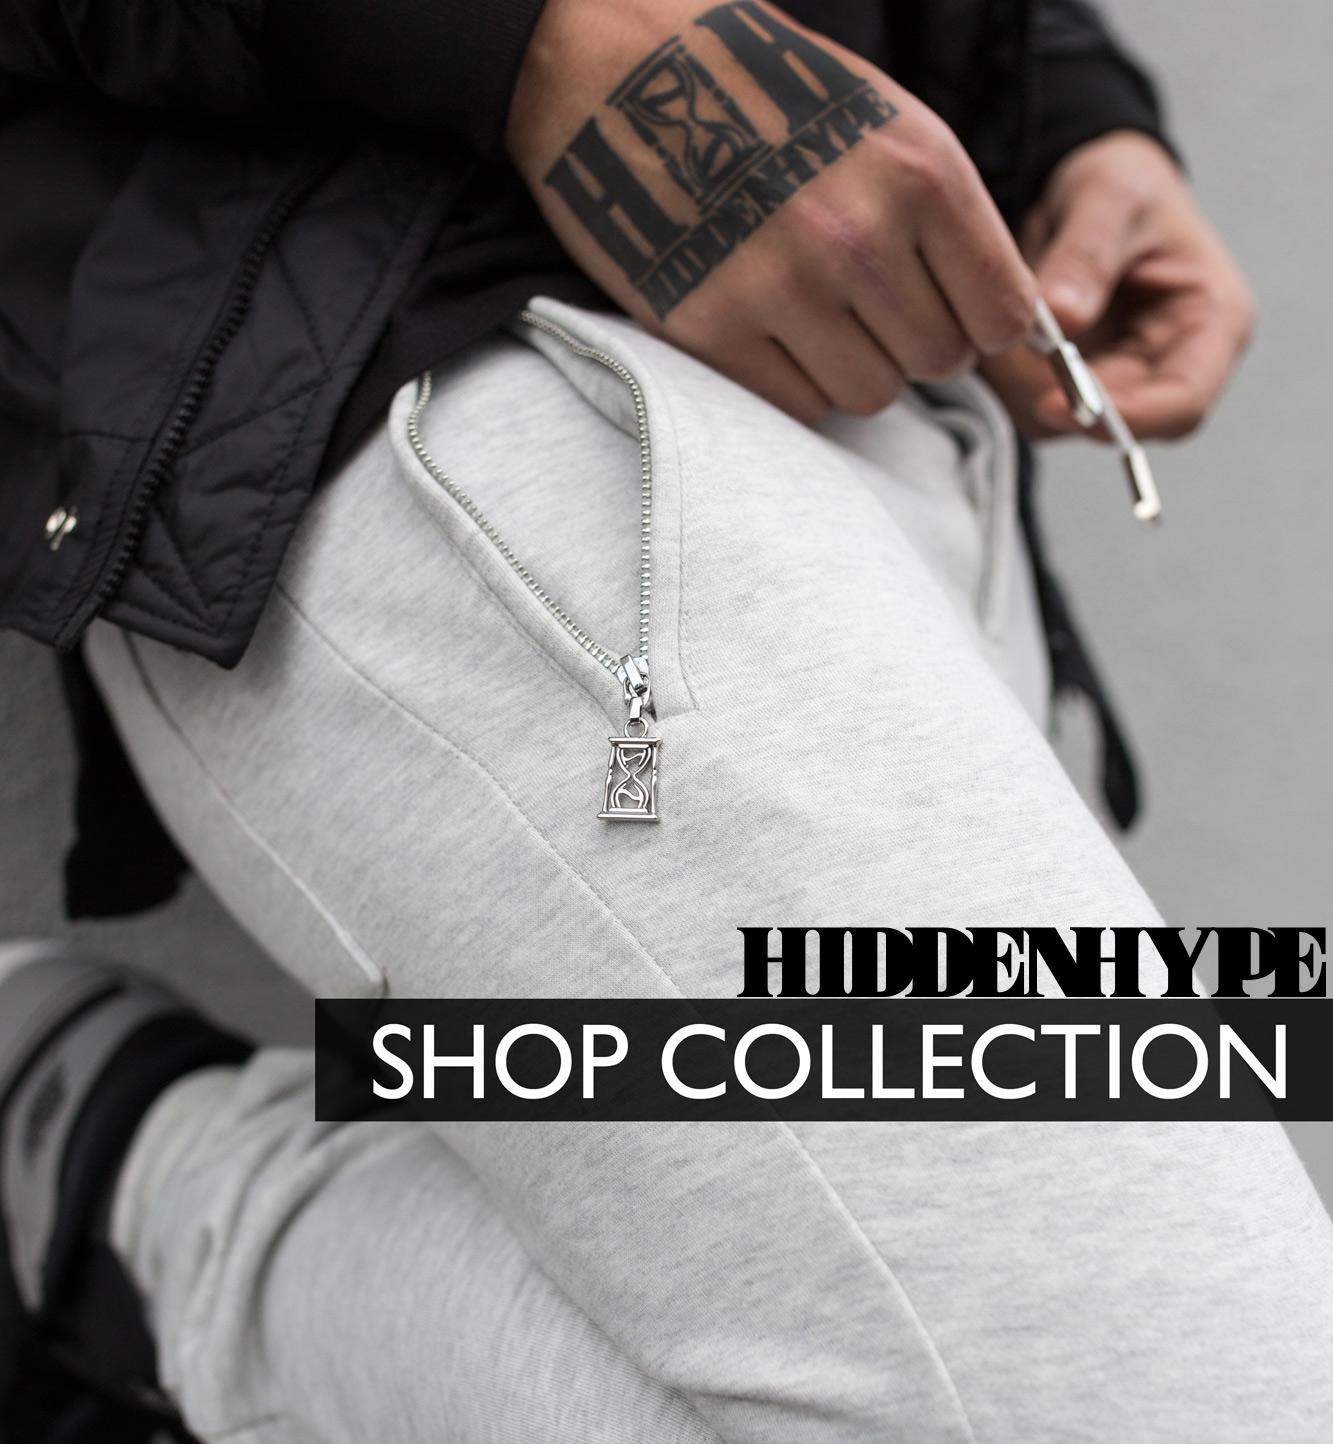 Shop Streetwear, Men's Streetwear, Urban Clothing, Hip Hop